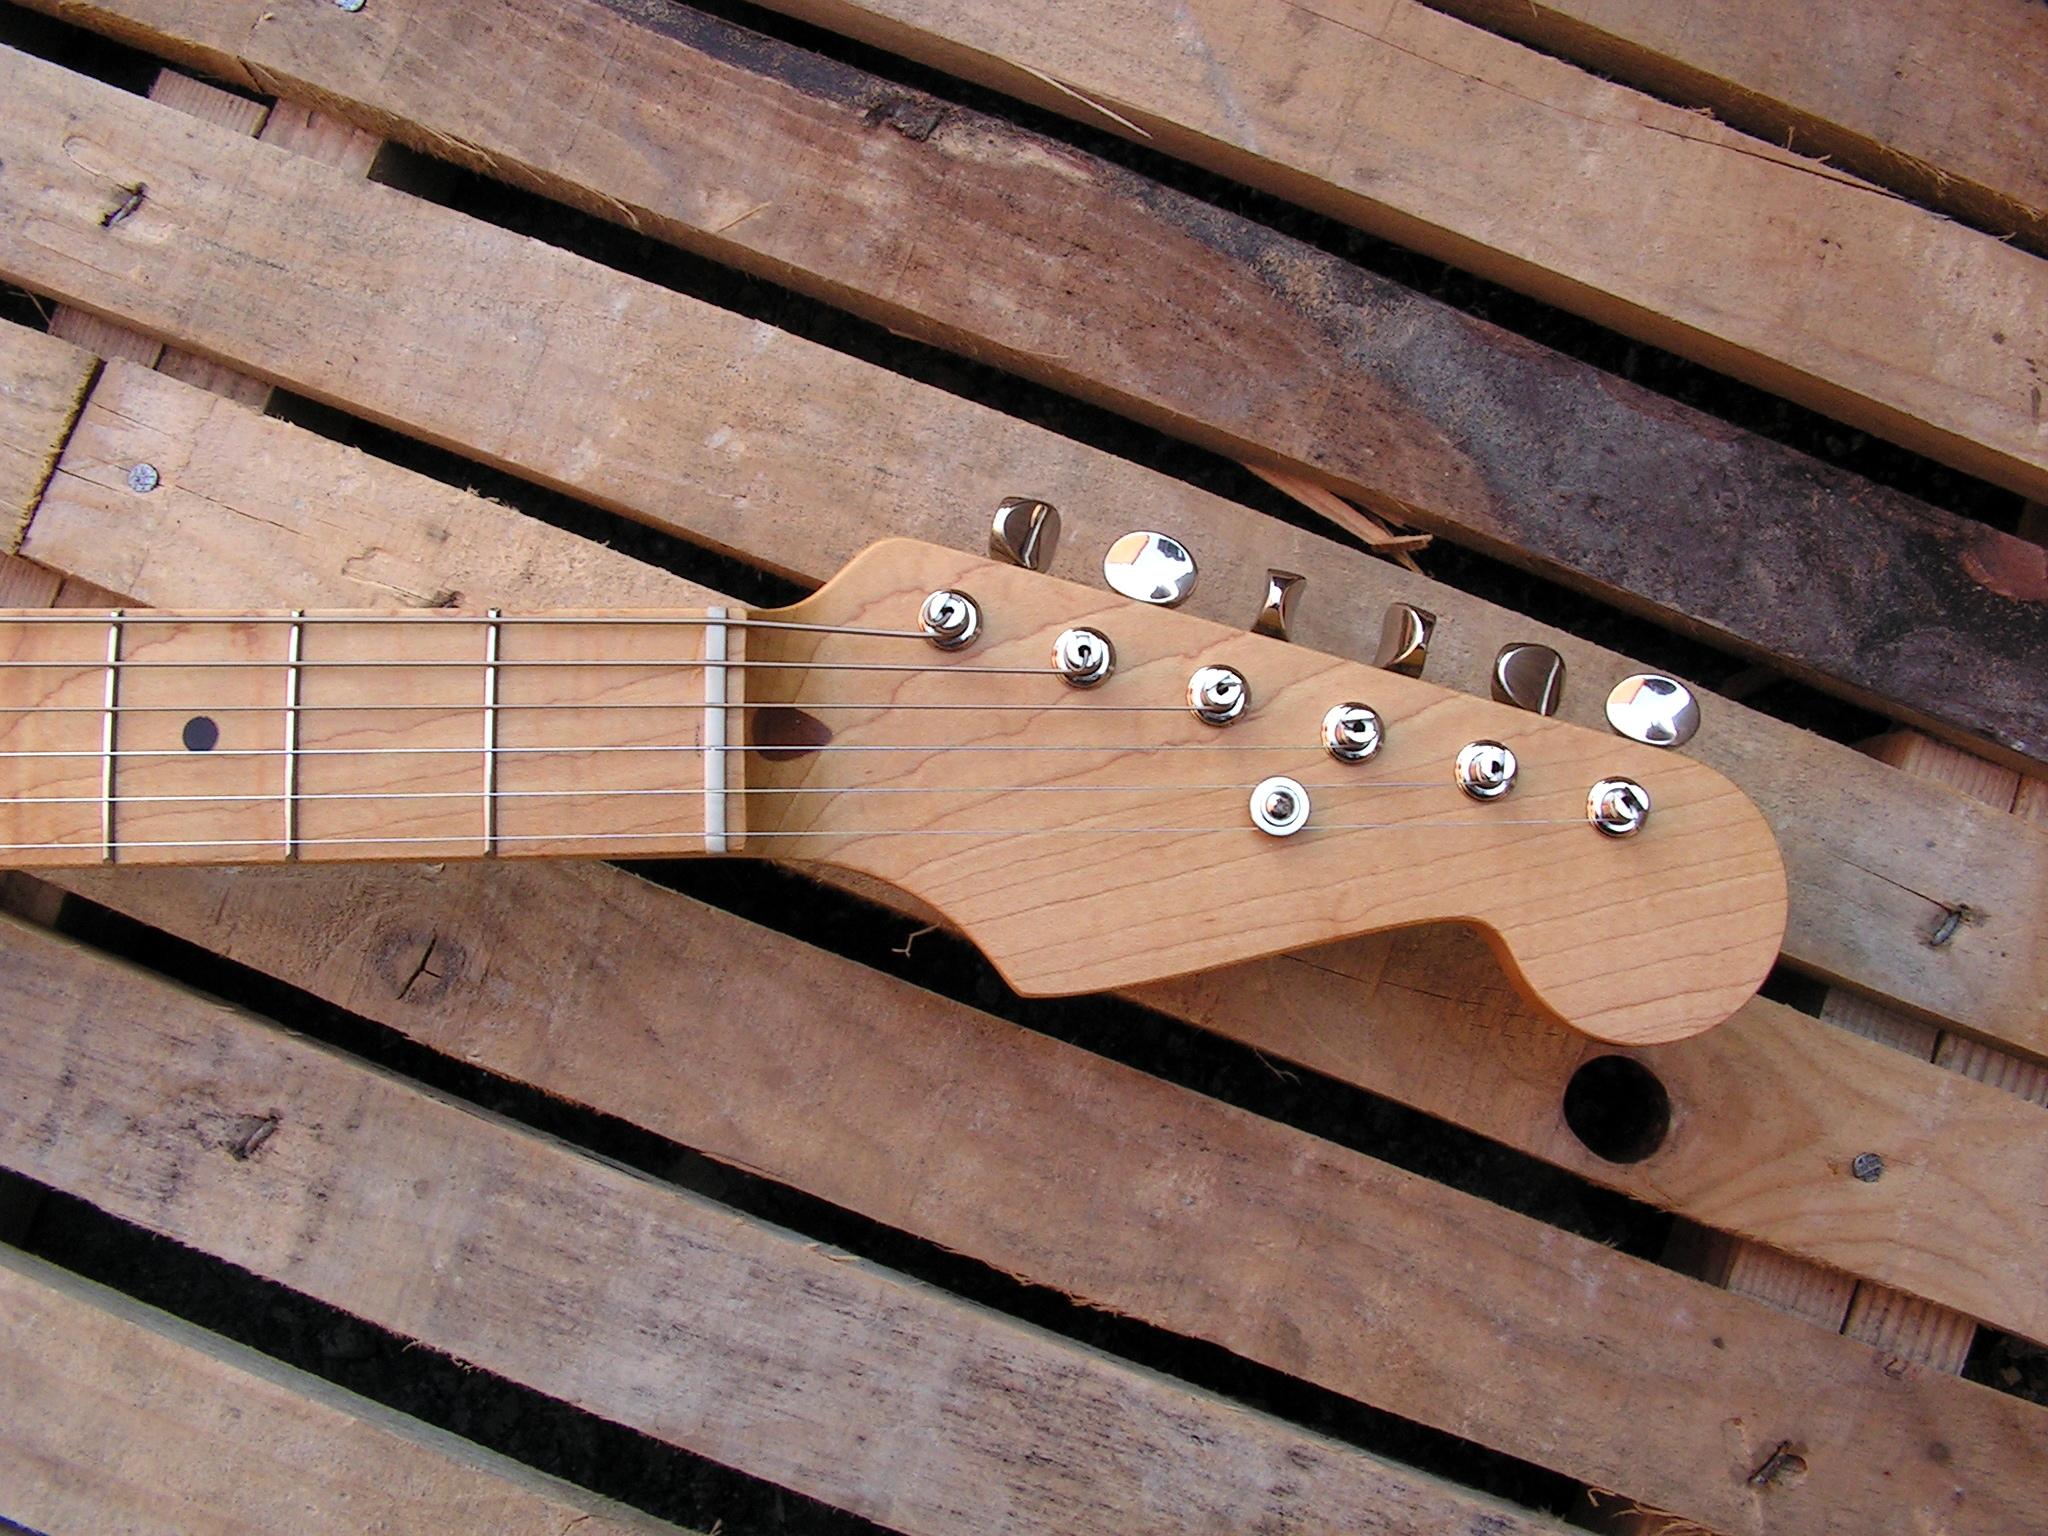 Paletta in acero di una chitarra Telecaster con Pickup Teisco Gold Foil